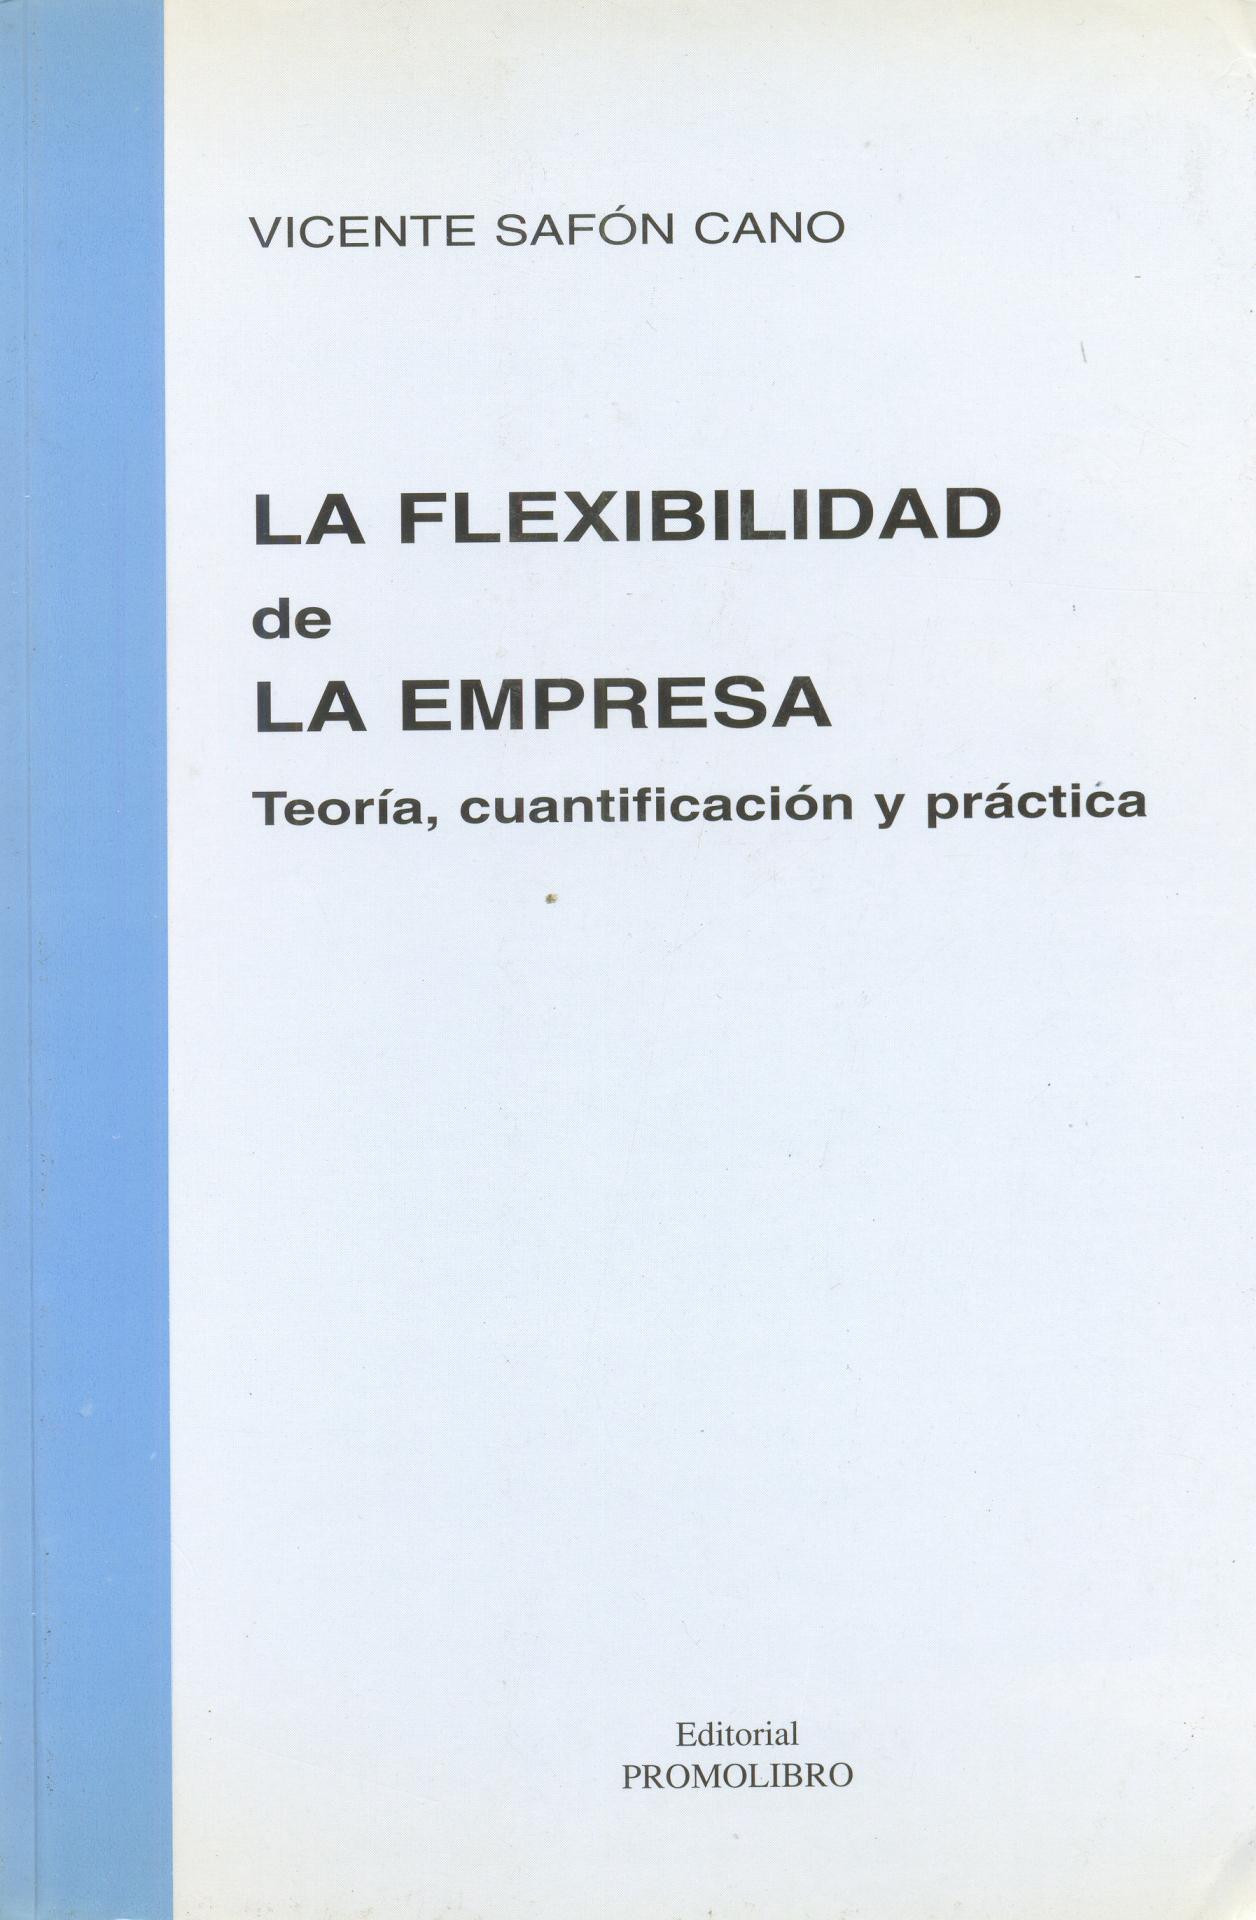 LA FLEXIBILIDAD DE LA EMPRESA. Teoría, cuantificación y práctica.